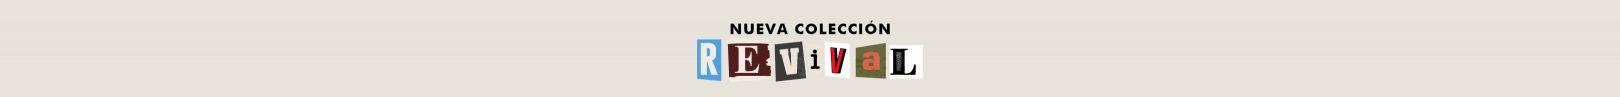 Nueva colección Revival